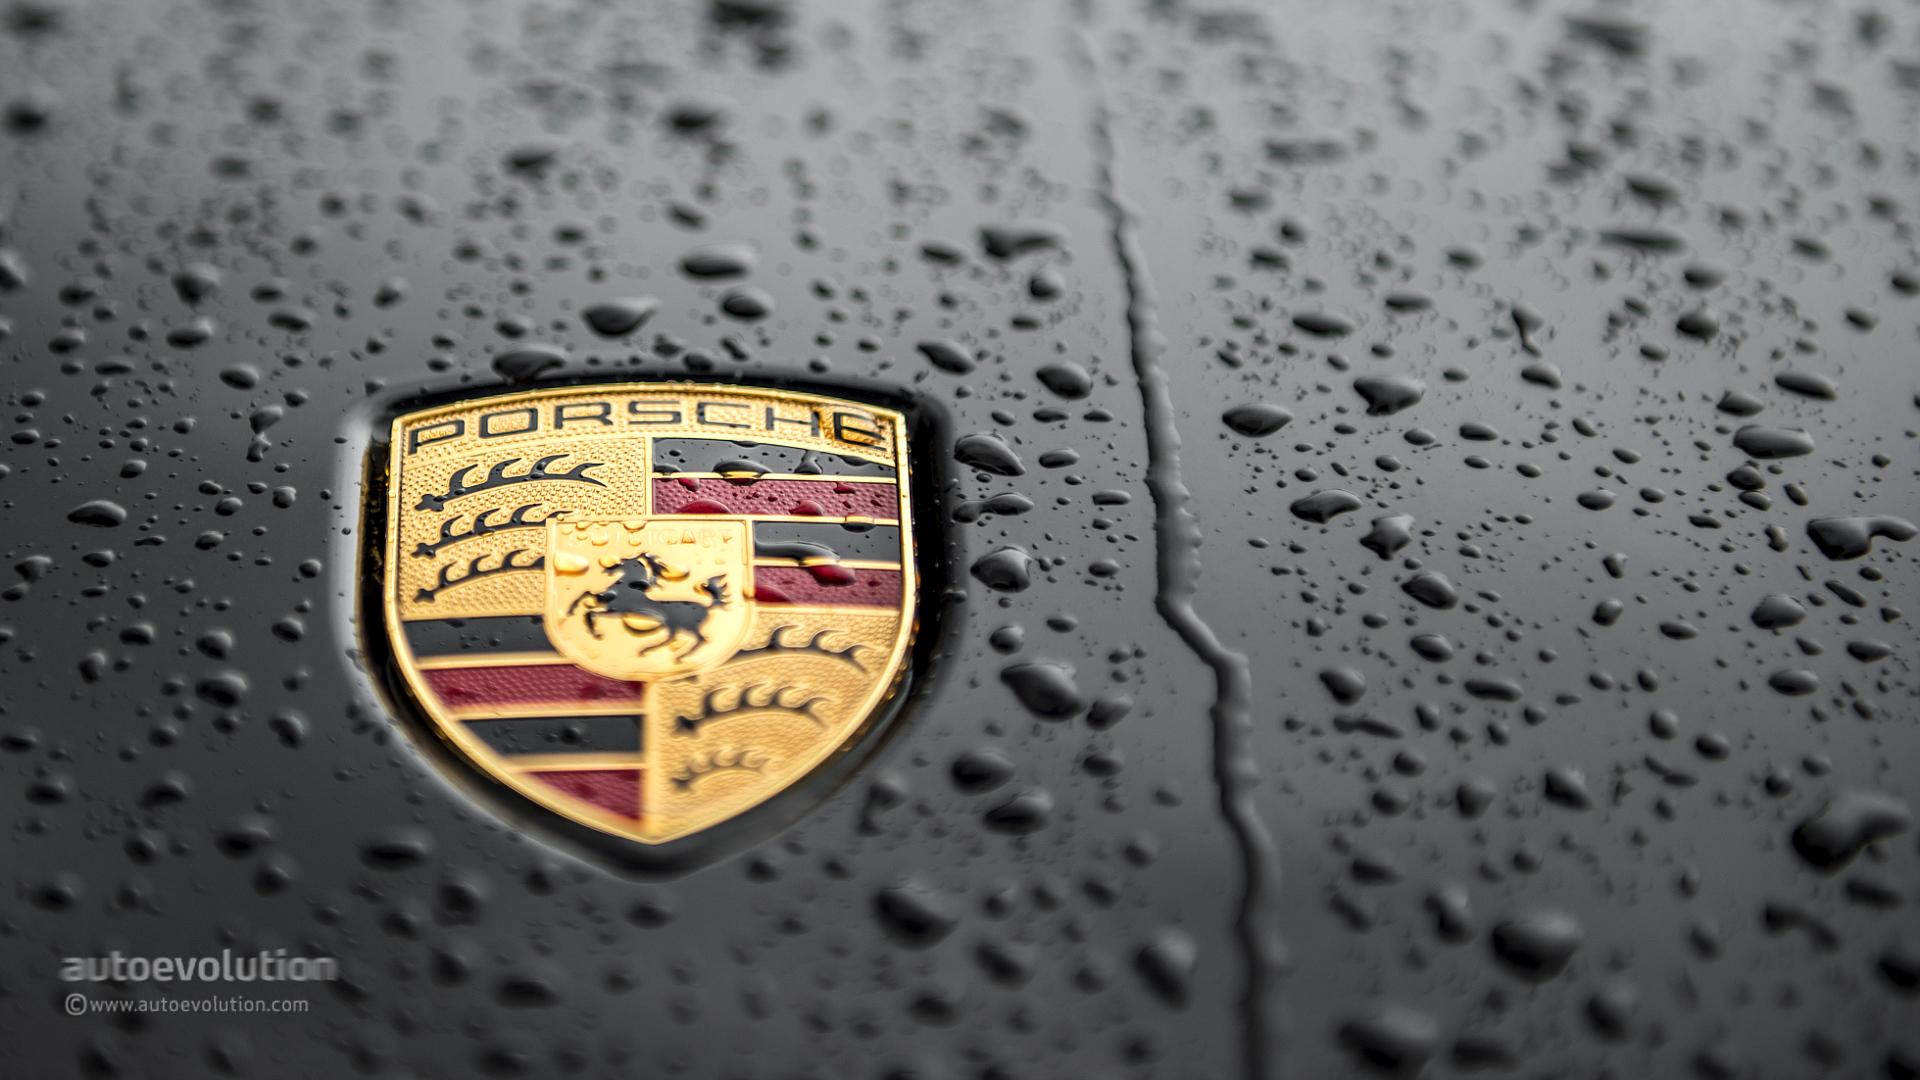 15824 Porsche Logo High Quality Wallpaper   WalOpscom 1920x1080